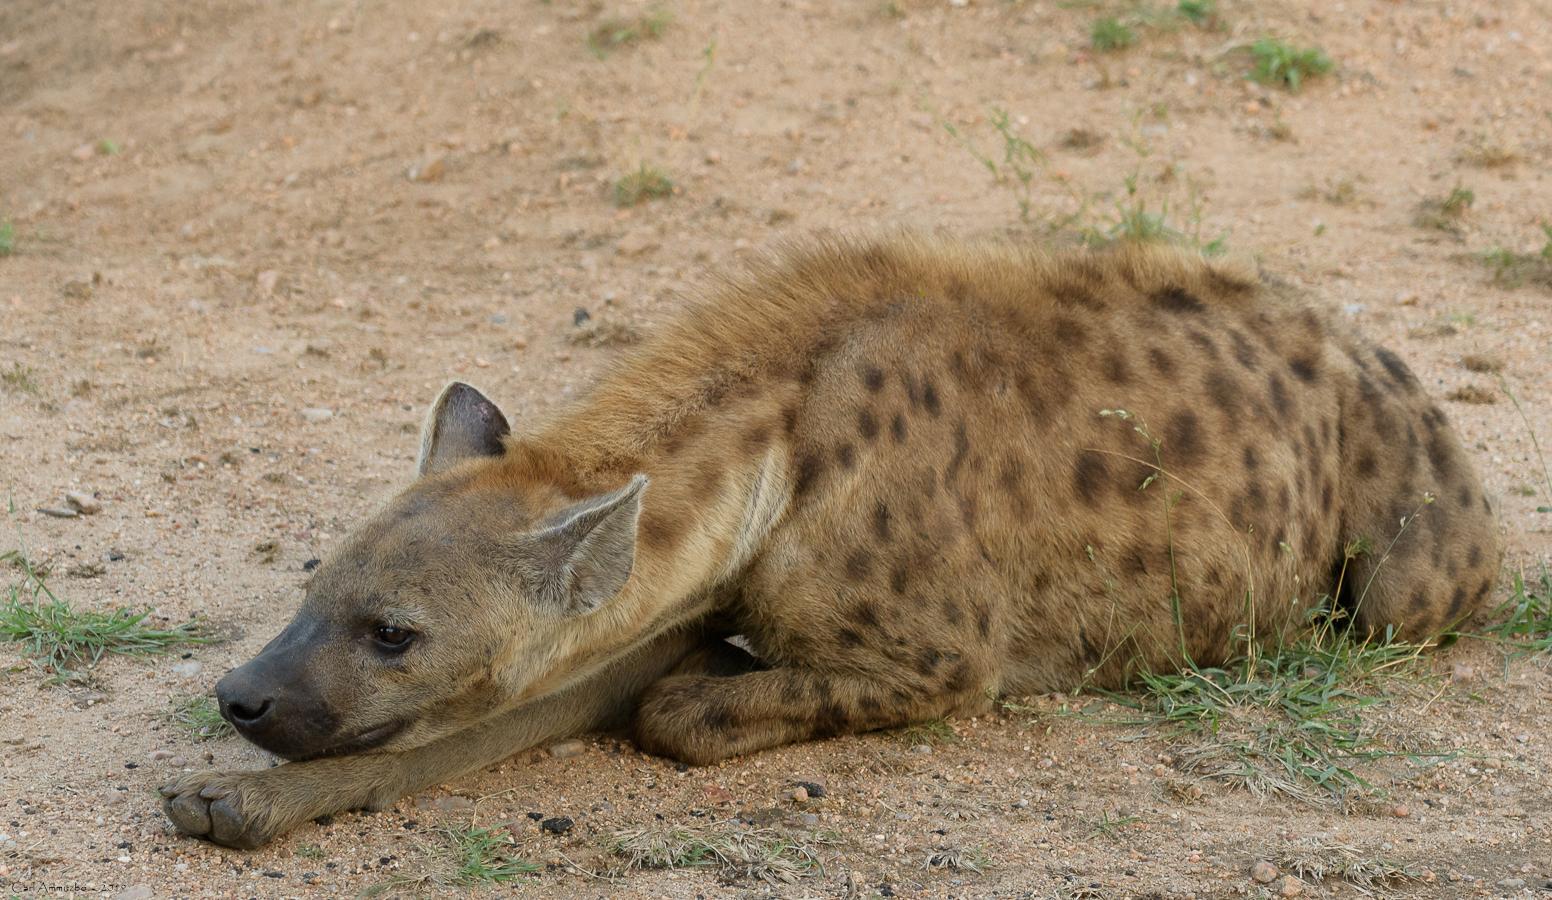 07 - 0217 - Plettet hyæne - 01 - Kruger